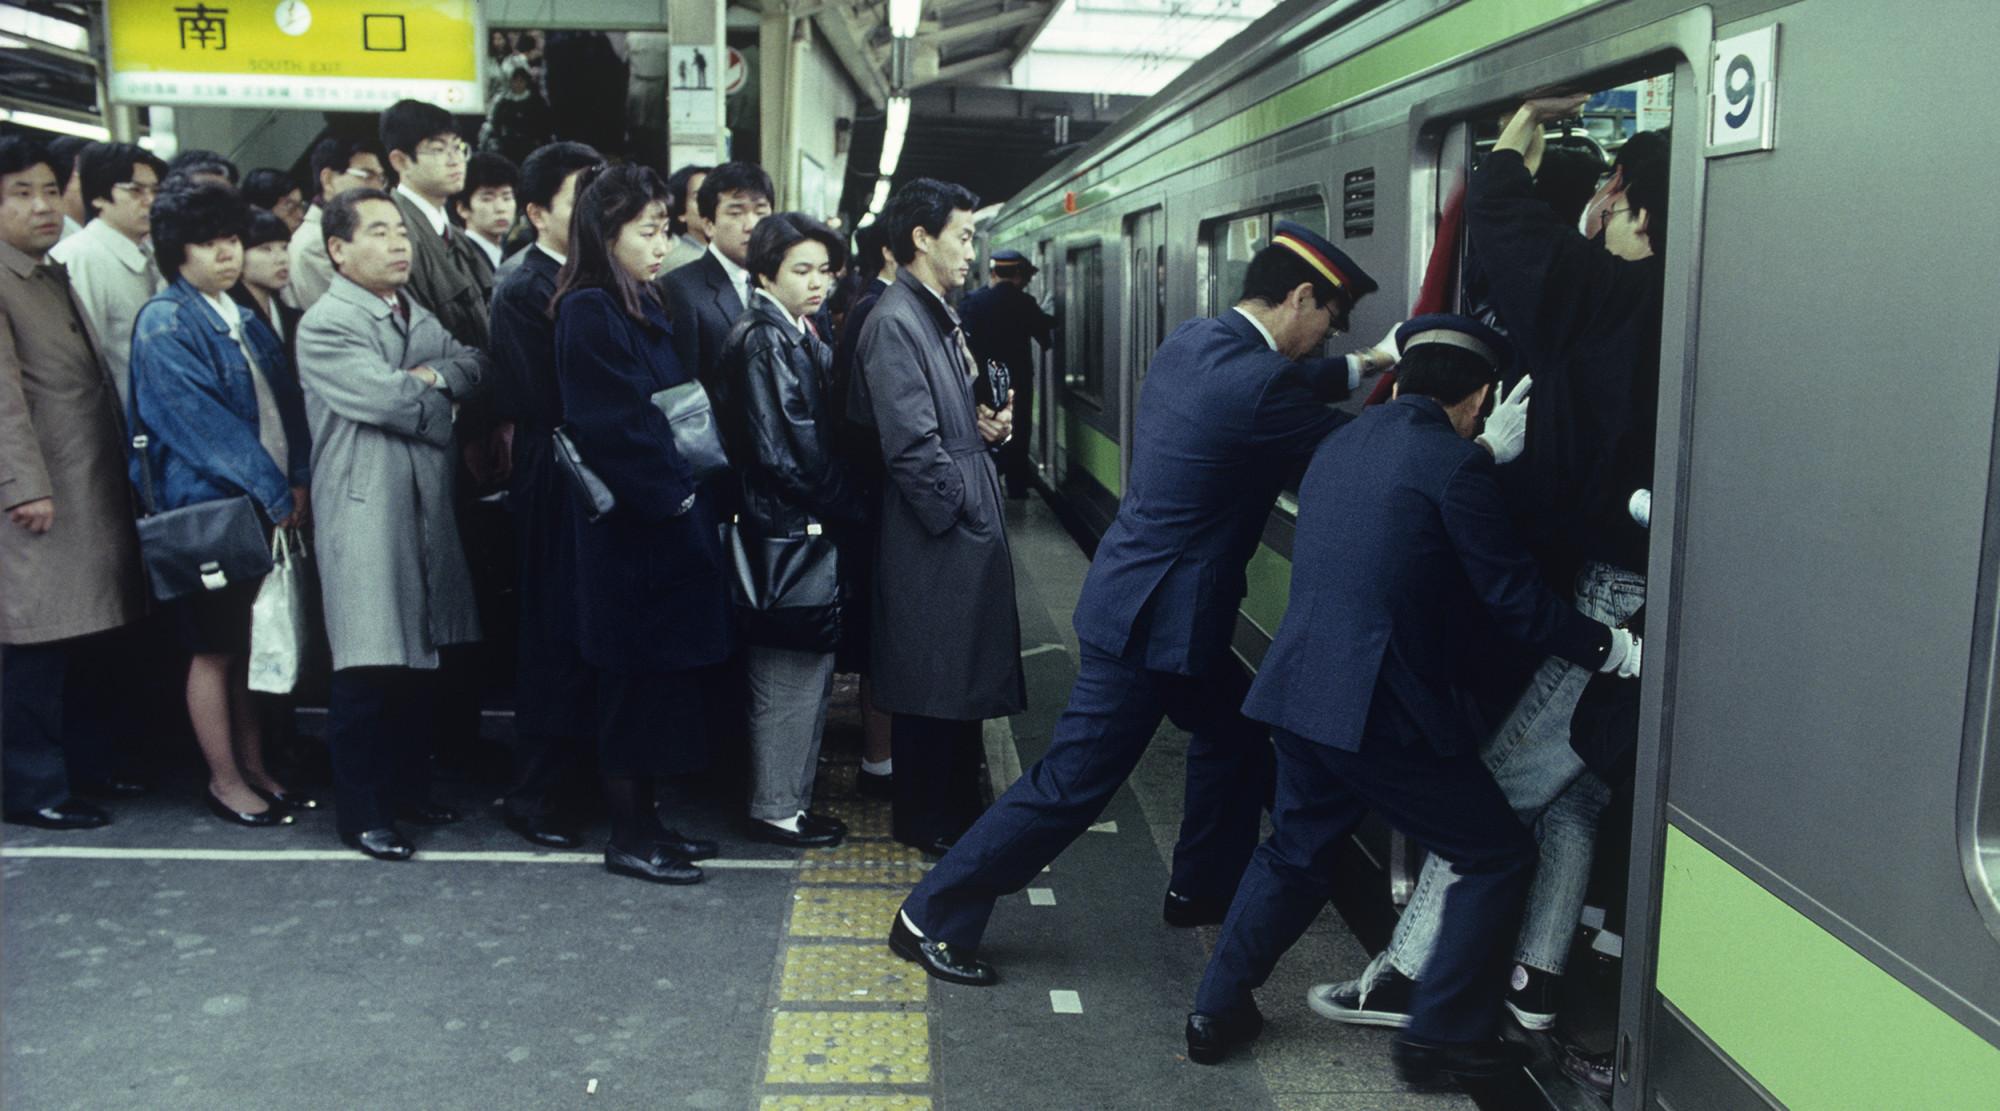 Tłum ludzi w japońskim metrze, konduktorzy upychają pasażerów